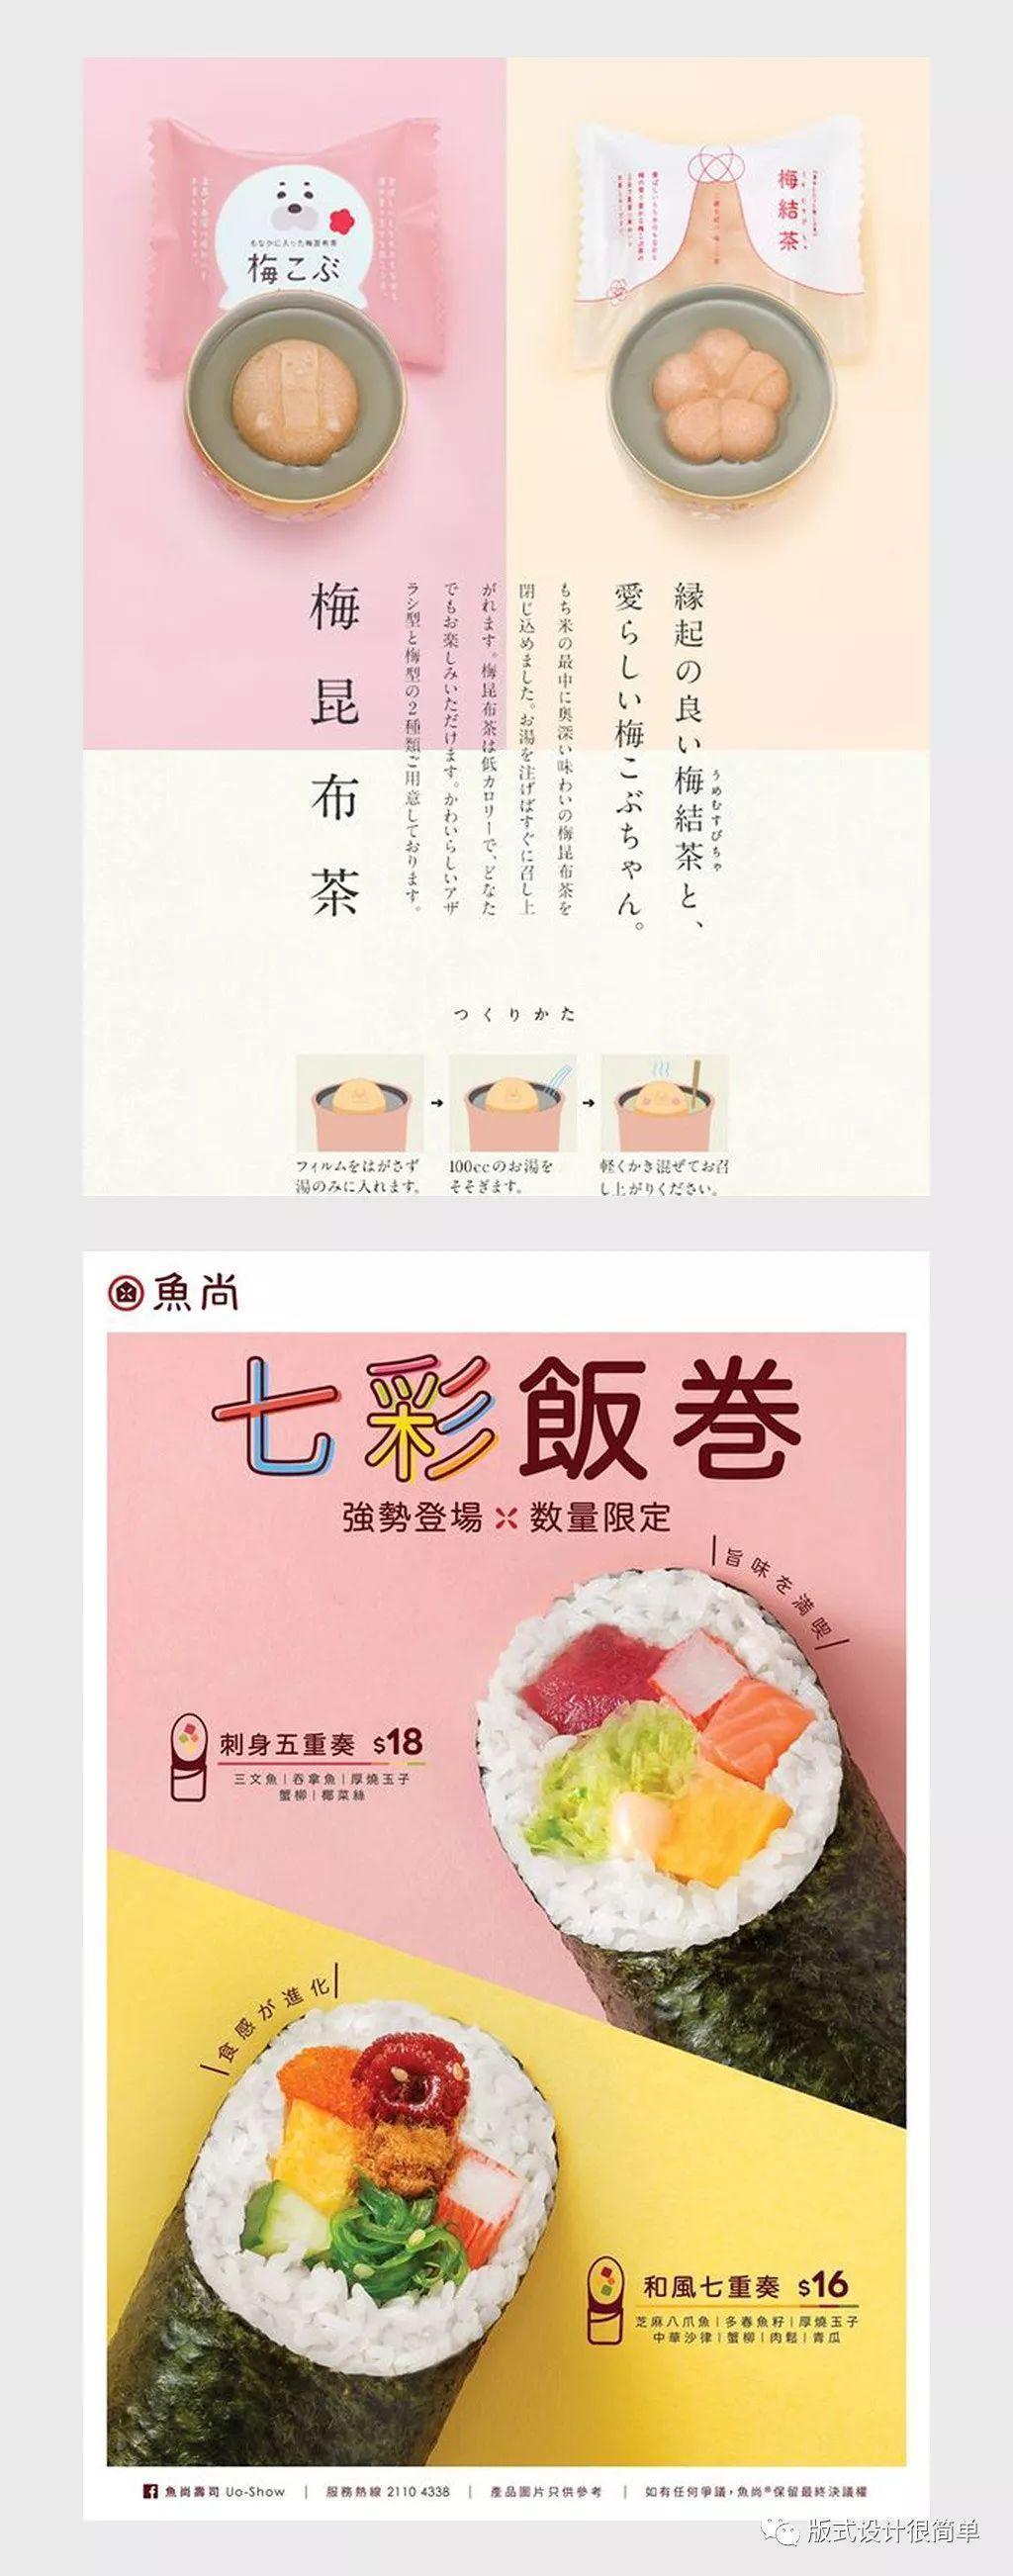 七彩饭卷海报版式设计